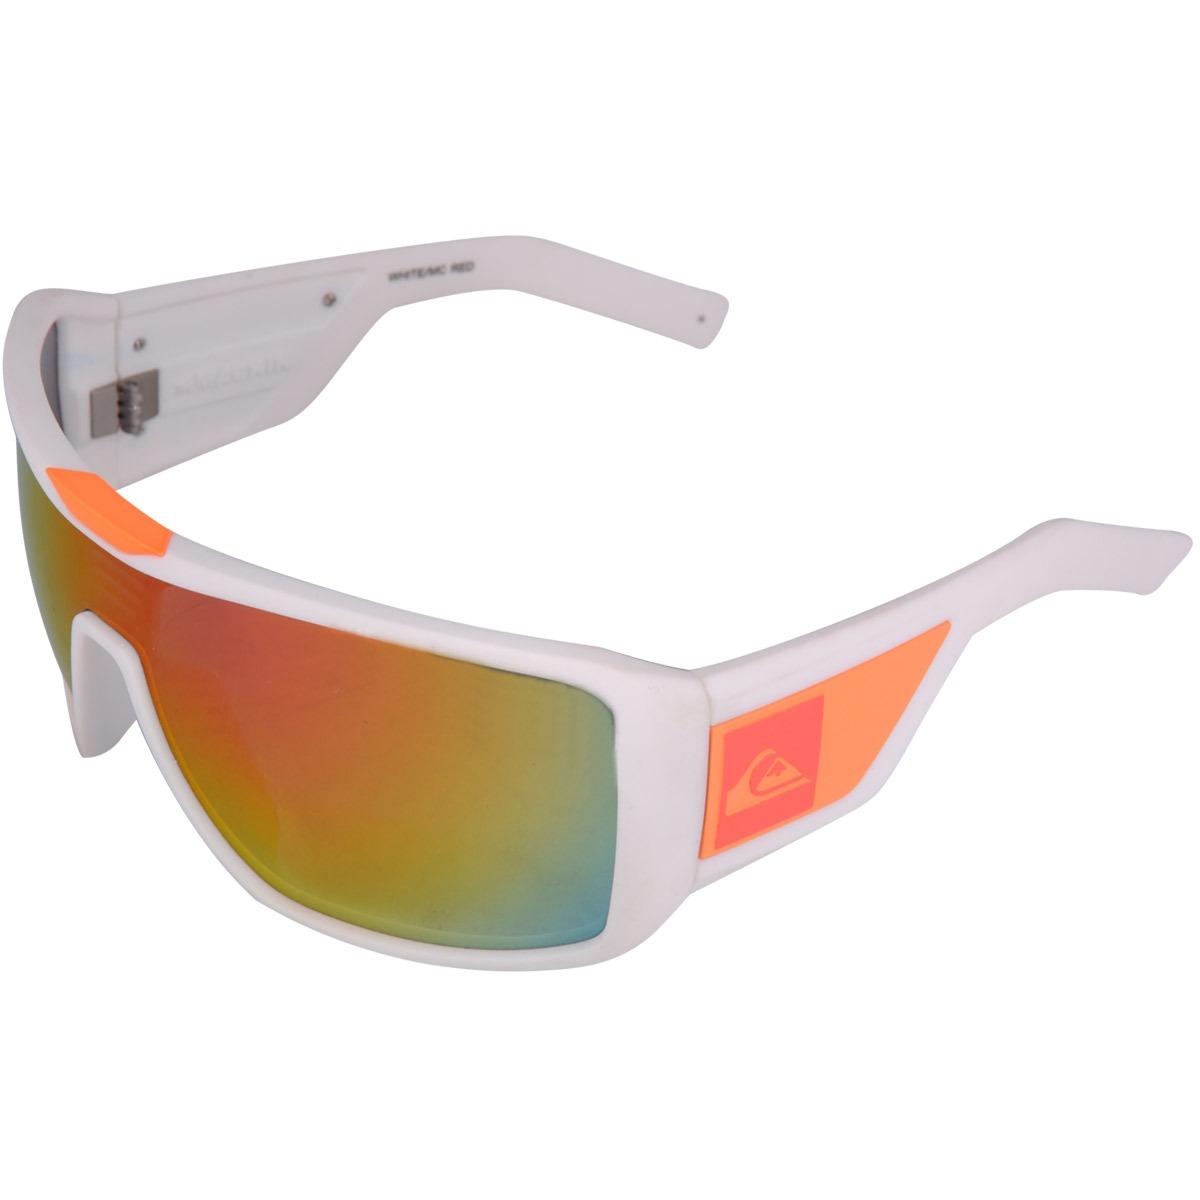 a0305e61c395c óculos quiksilver mackin ii branco - cut wave. Carregando zoom.